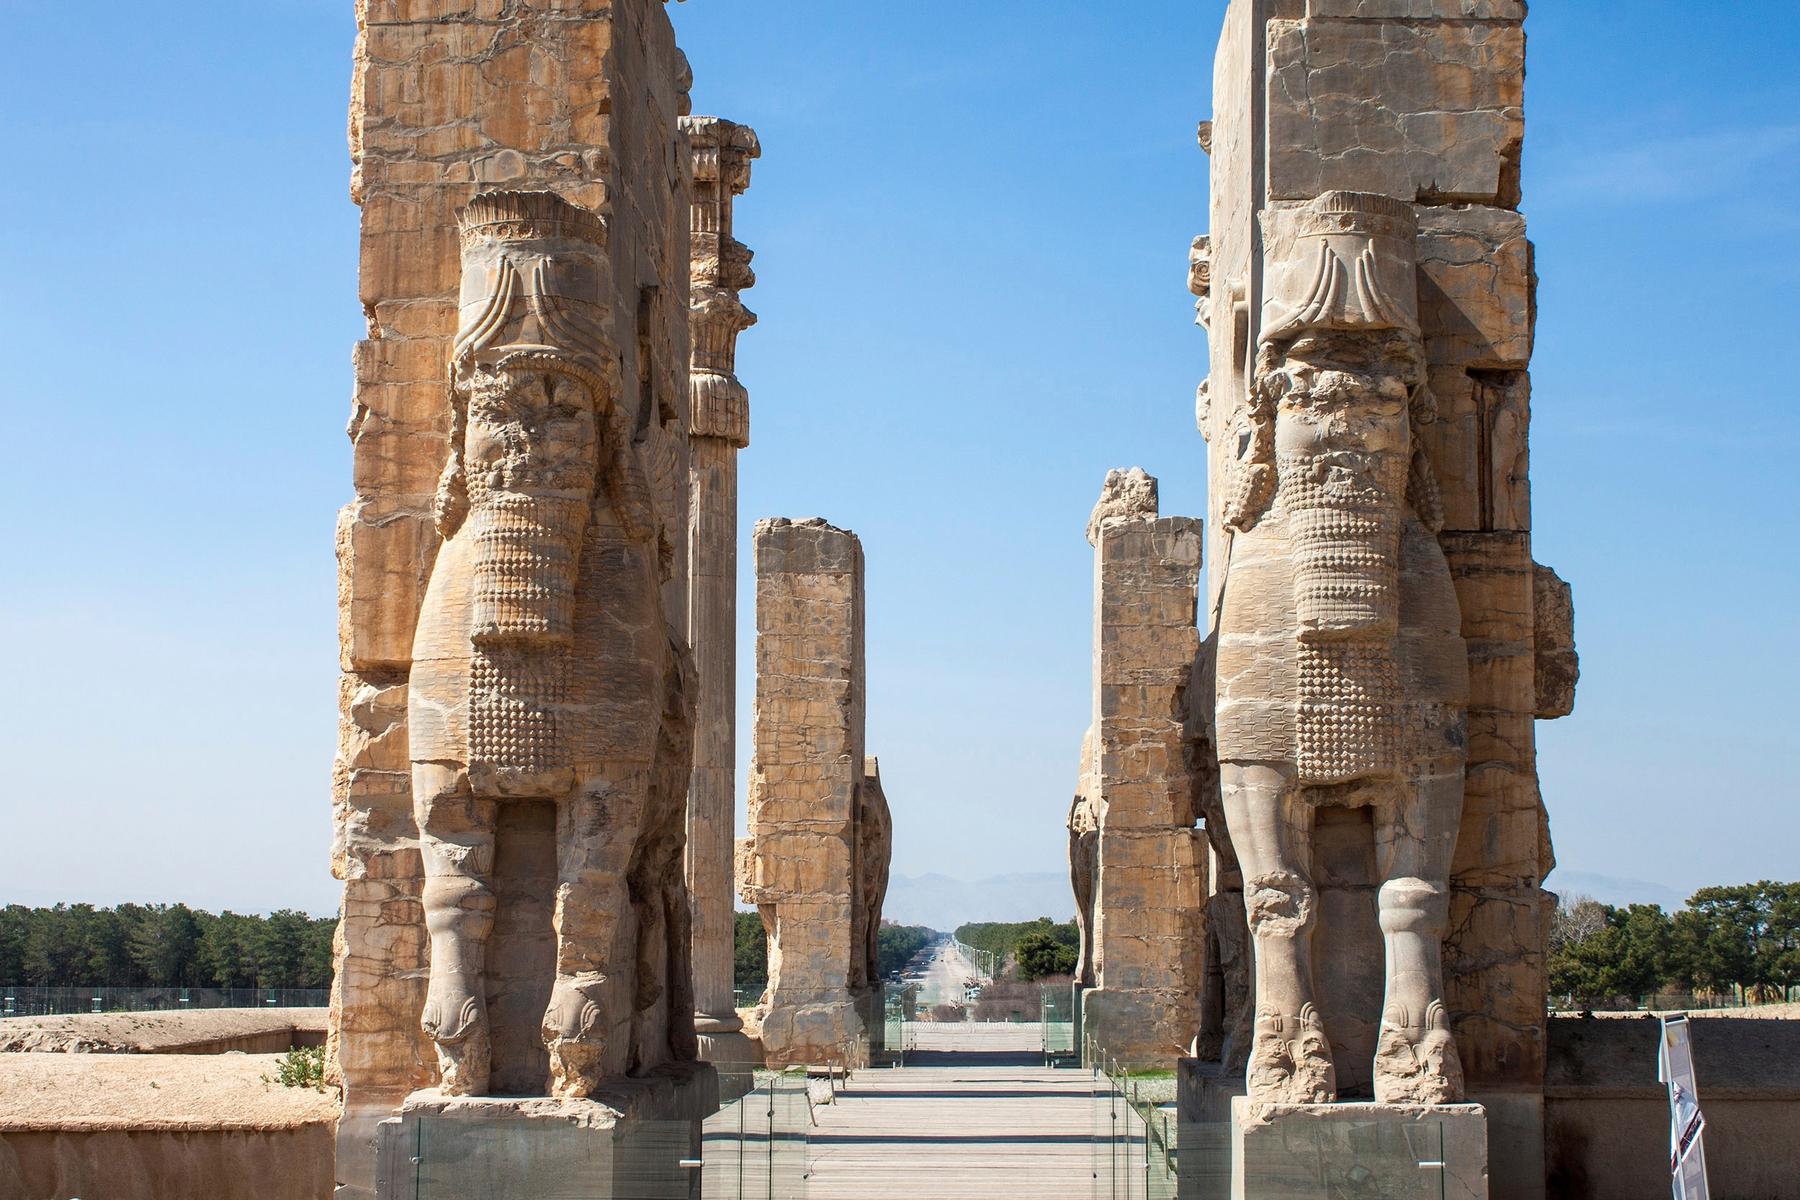 Ворота Ксеркса, или Ворота всех наций в древнем городе Персеполисе в Иране